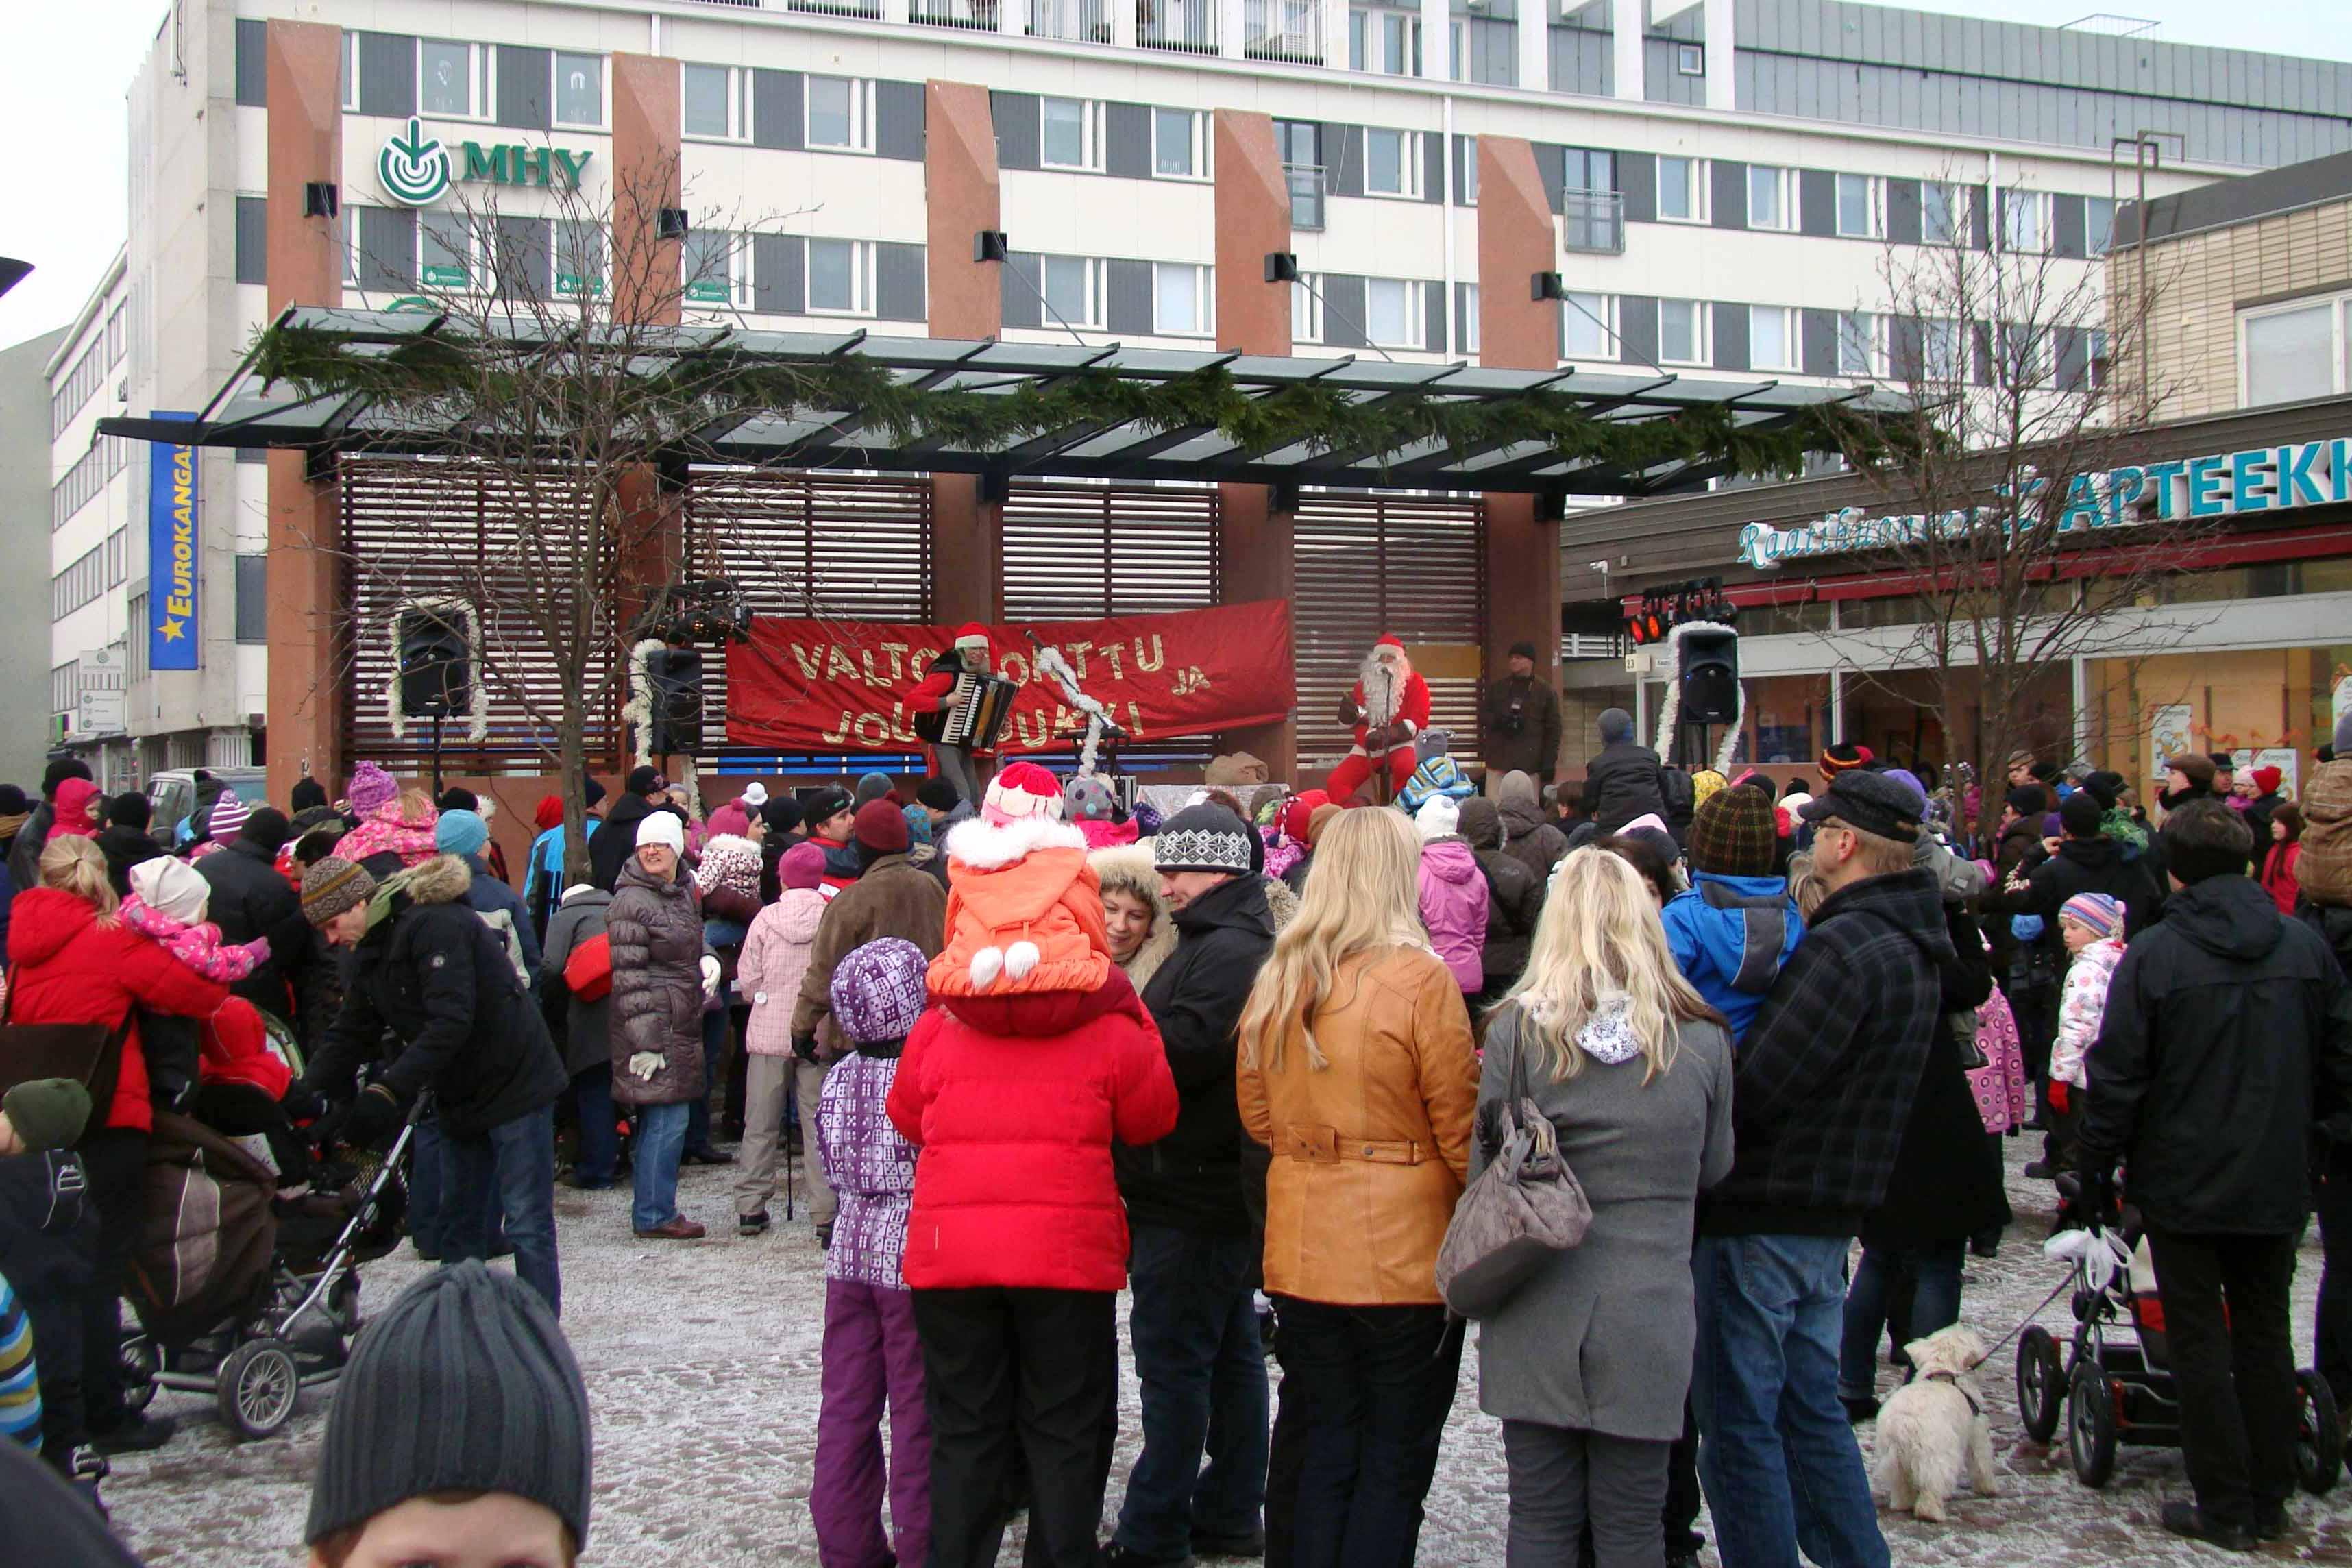 Valto-tonttu ja Joulupukki joulukonsertti 2017! Puh: 040-5466 953